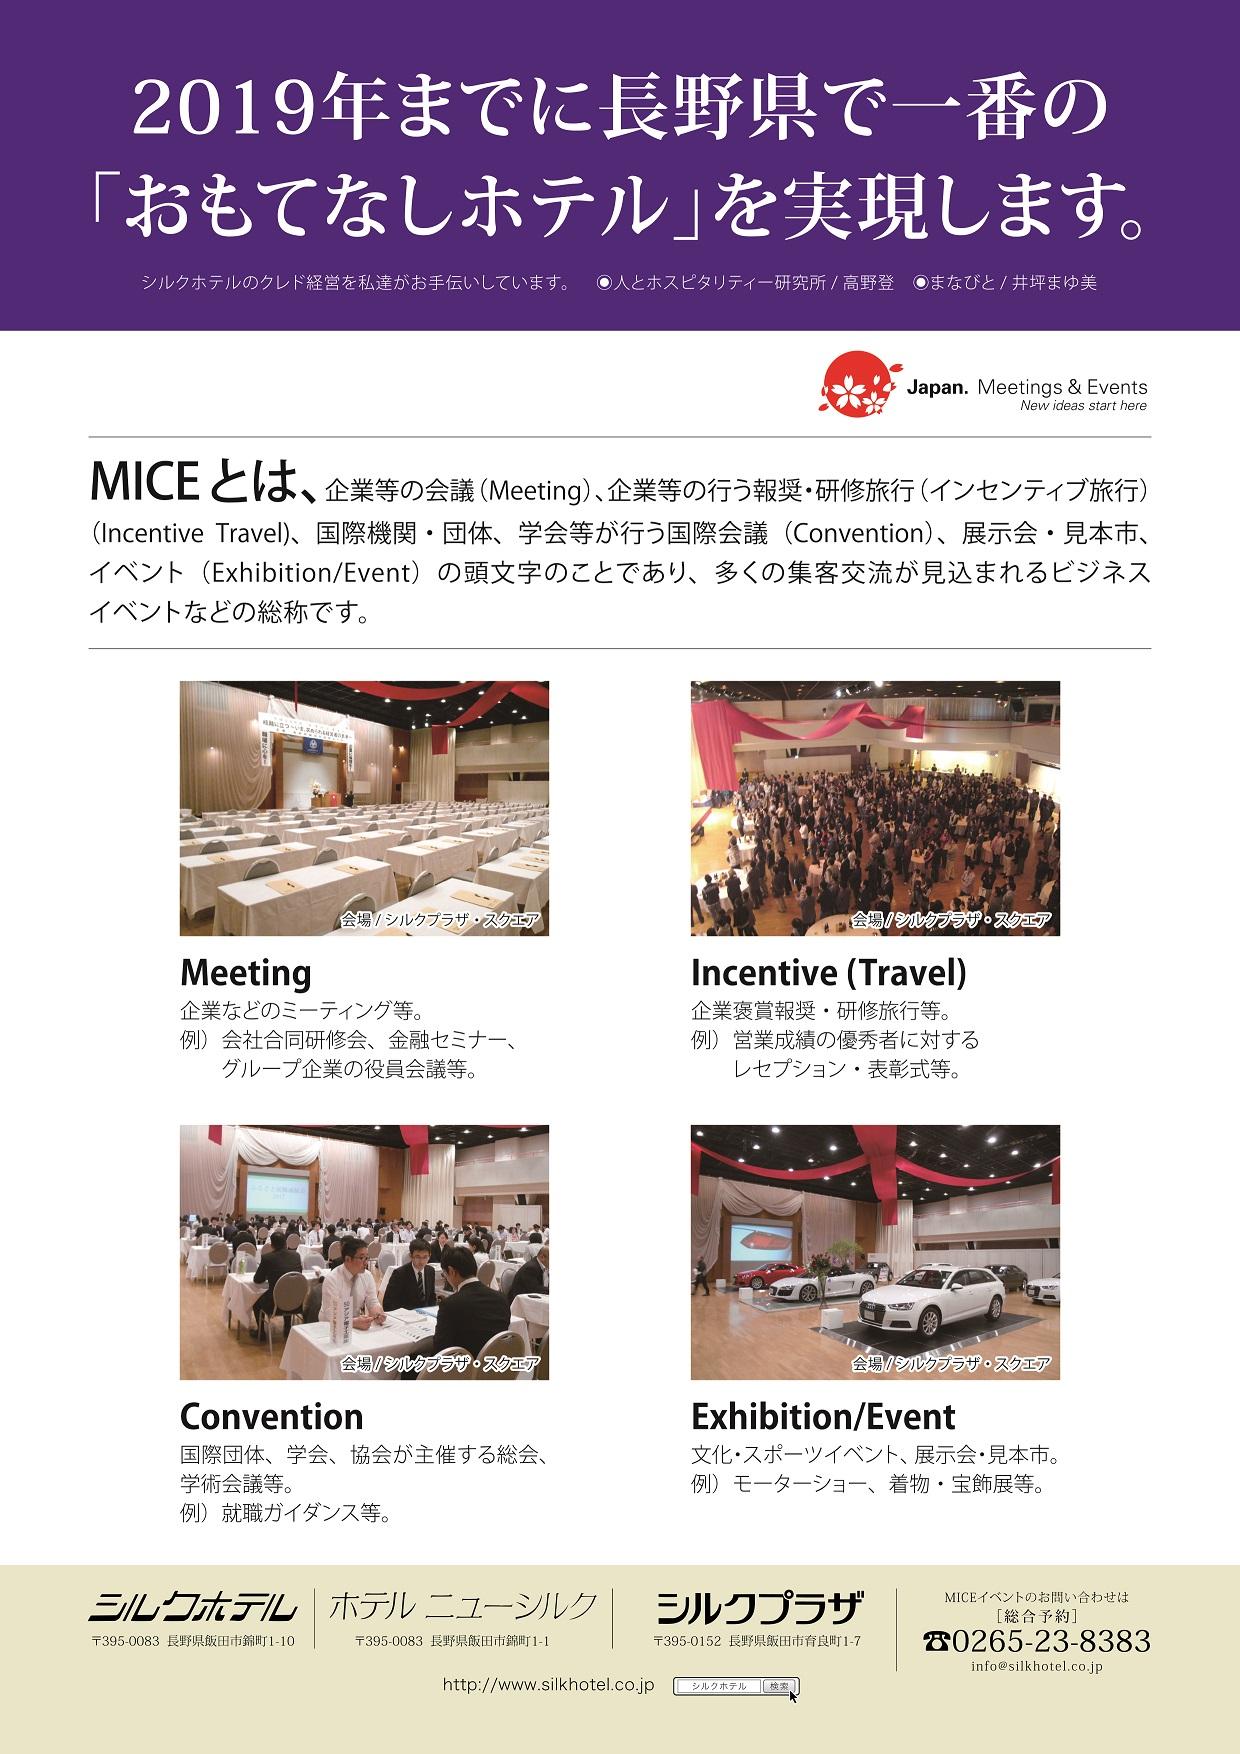 2019年までに長野県で一番の「おもてなしホテル」を実現します。